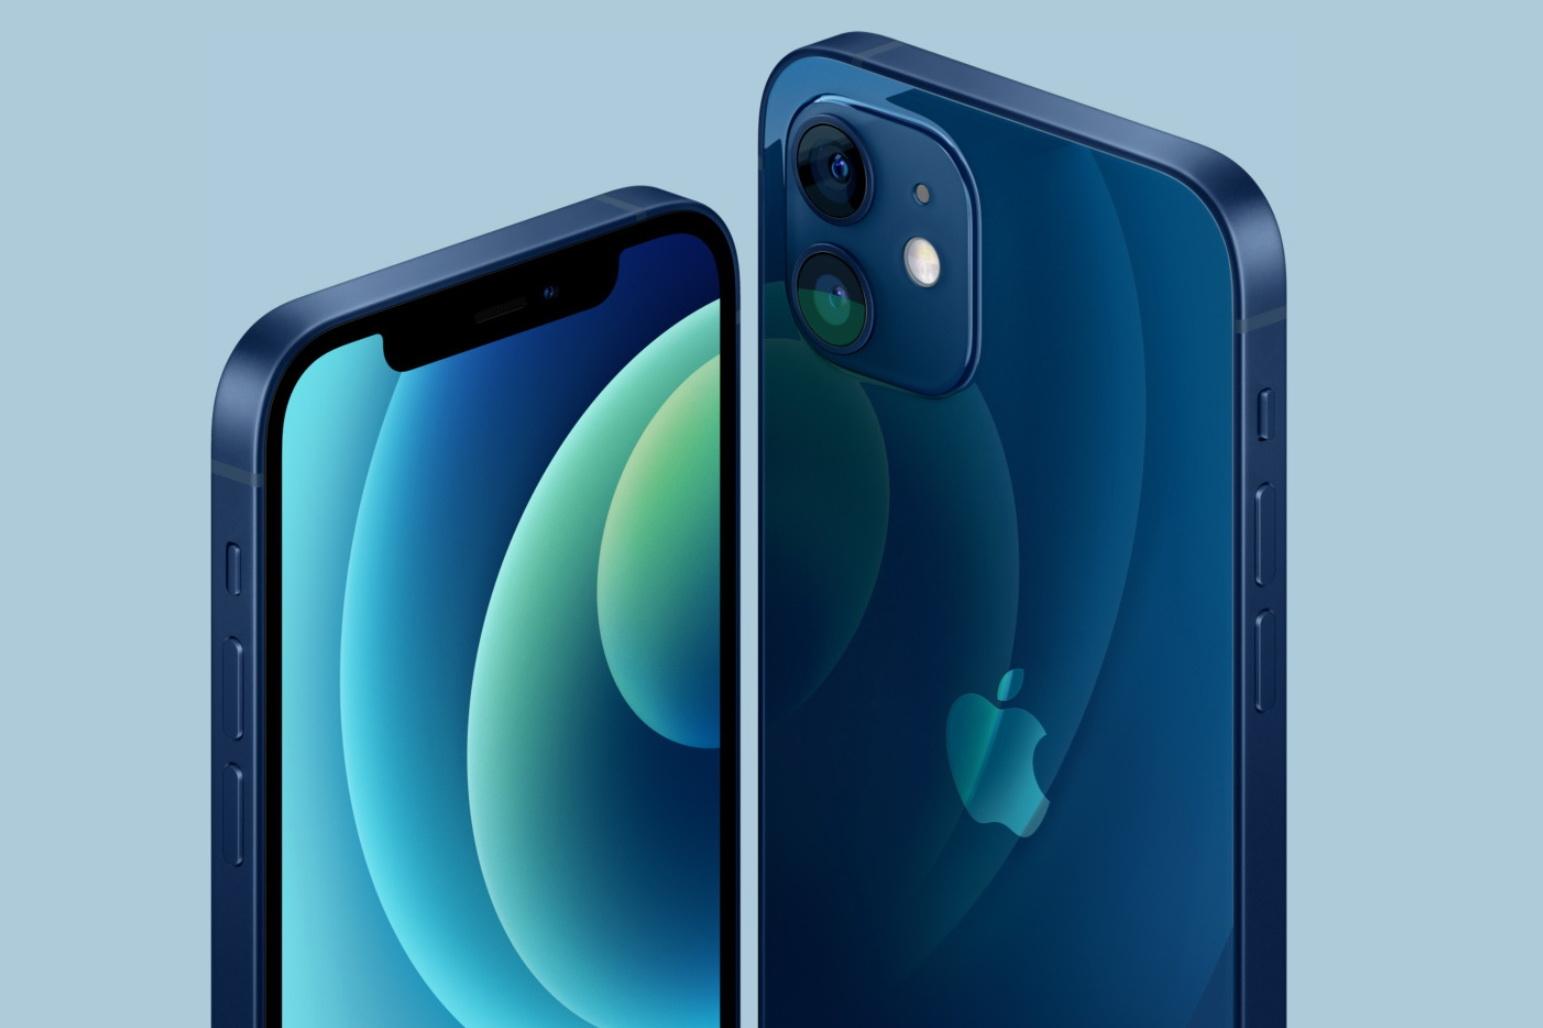 iPhone12中国预订量3天超15万部 黄牛称Pro加价500能